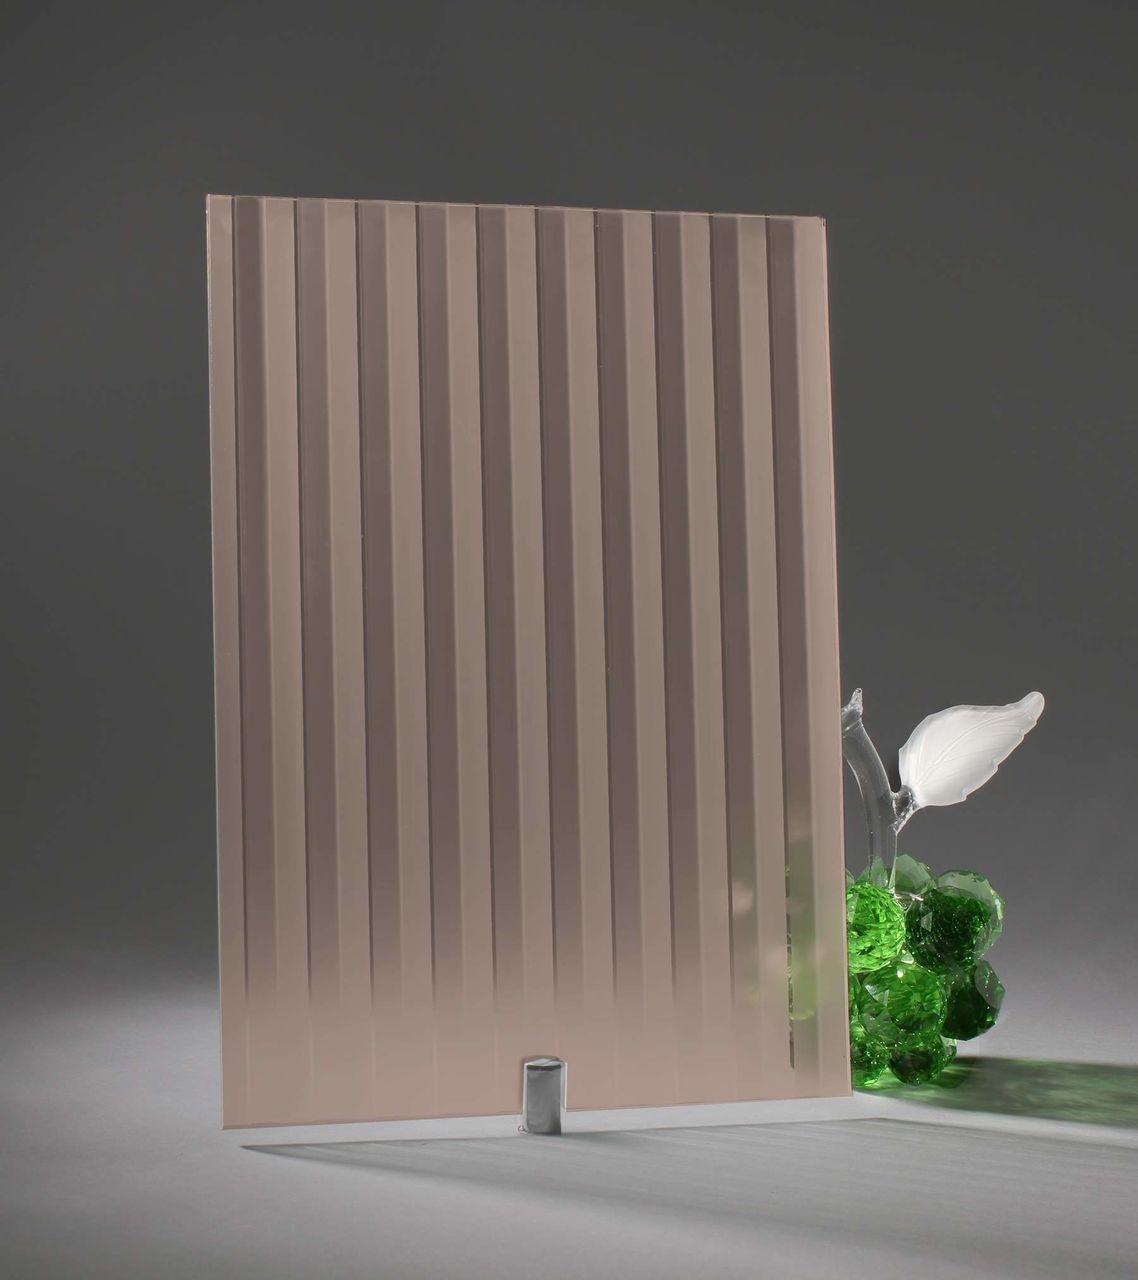 Стекло с узором на стекле при помощи химического травления